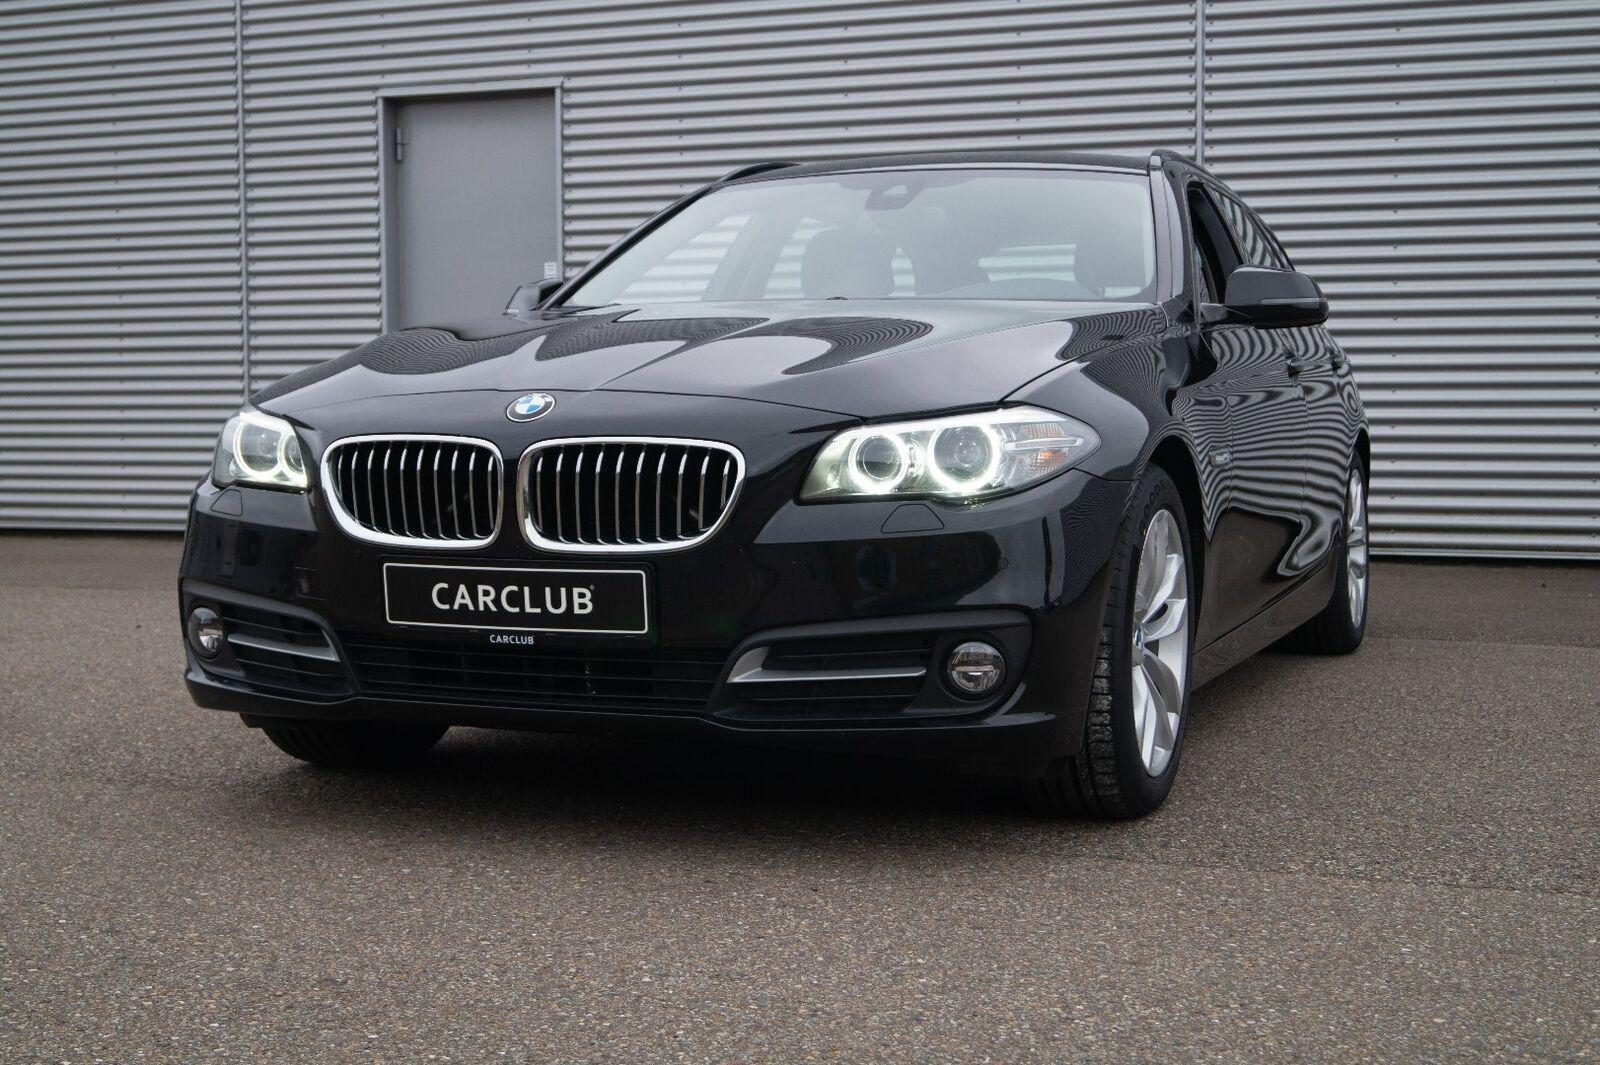 BMW 520d 2,0 Touring aut. 5d - 349.900 kr.